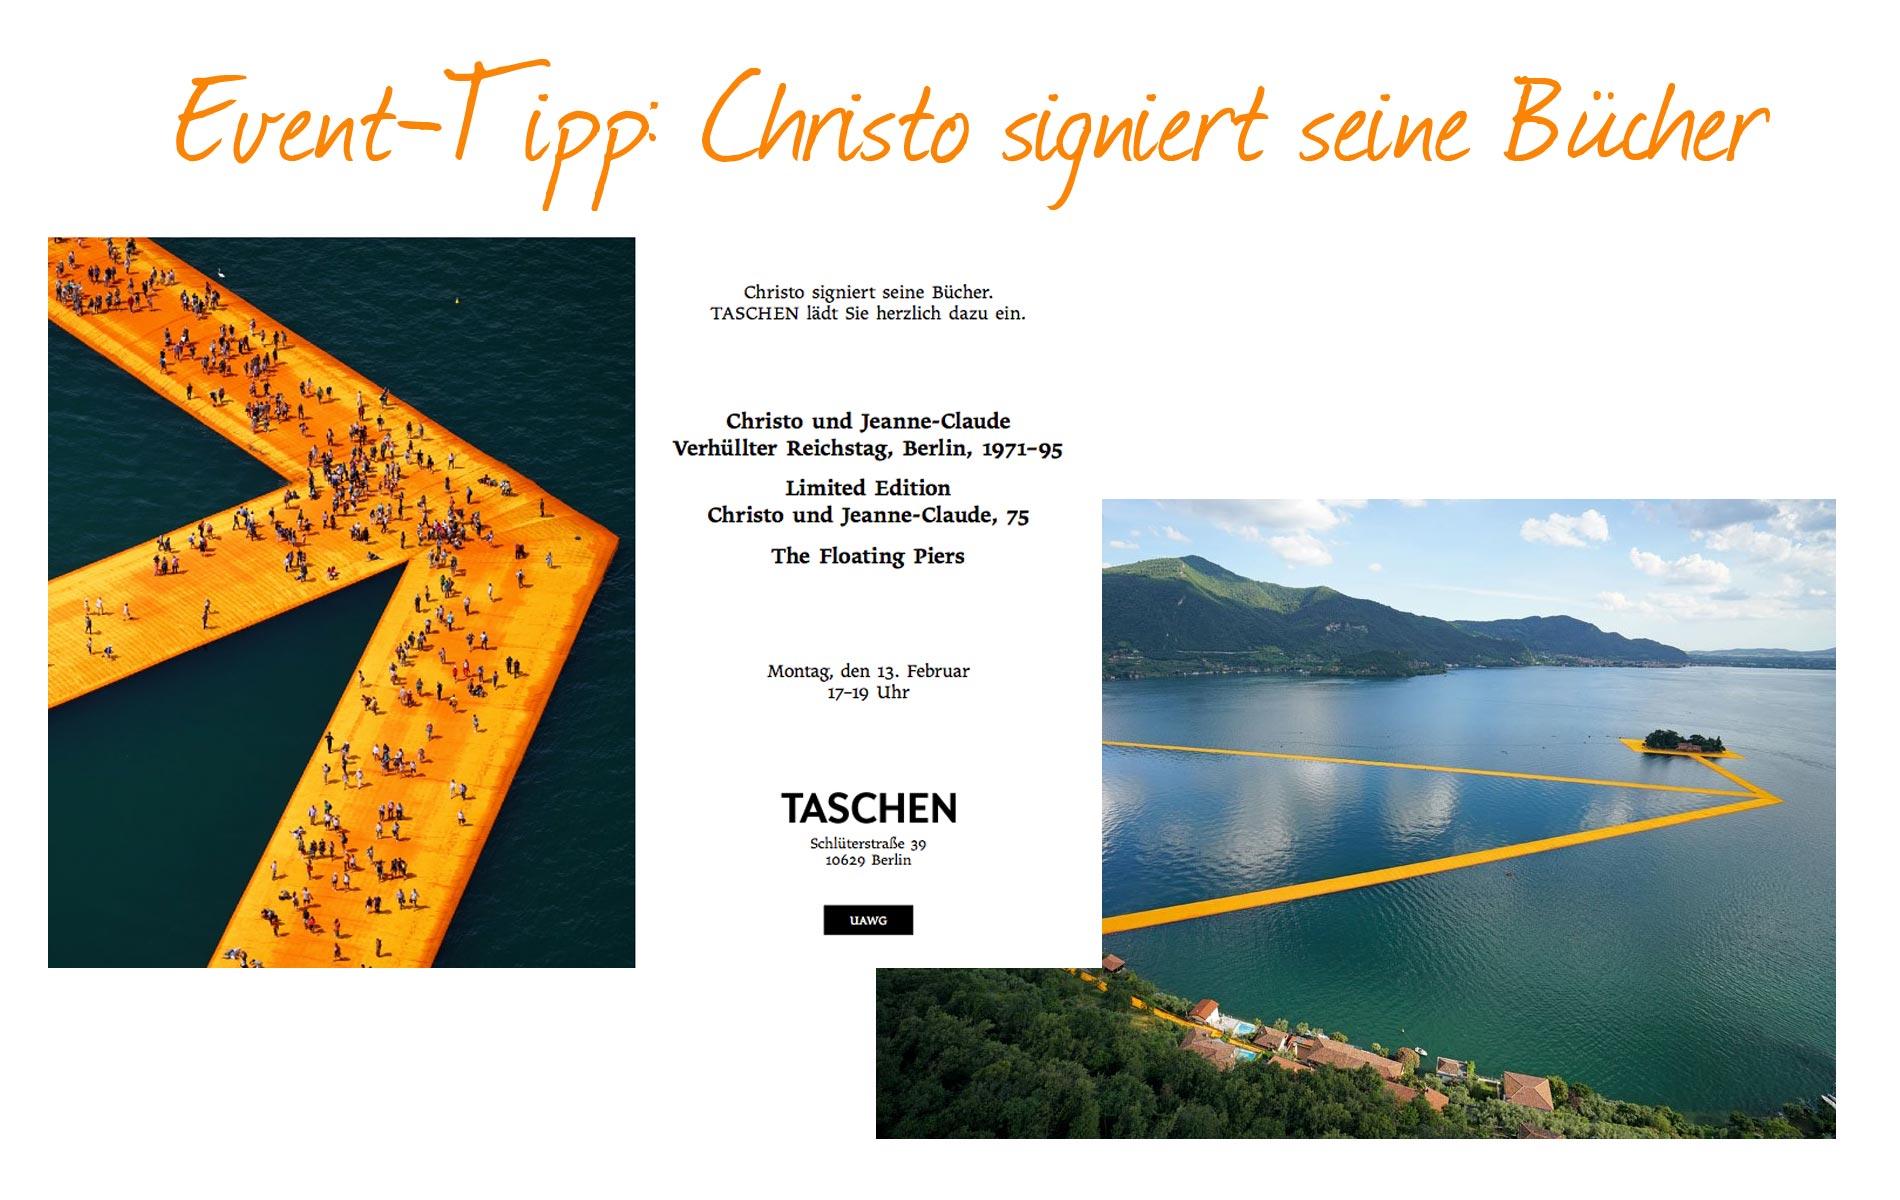 Christo, Bücher, Taschen, Gewinnspiel, Floating Piers, Signierstunde, Autogramm, Künstler, Kunstinstallation,